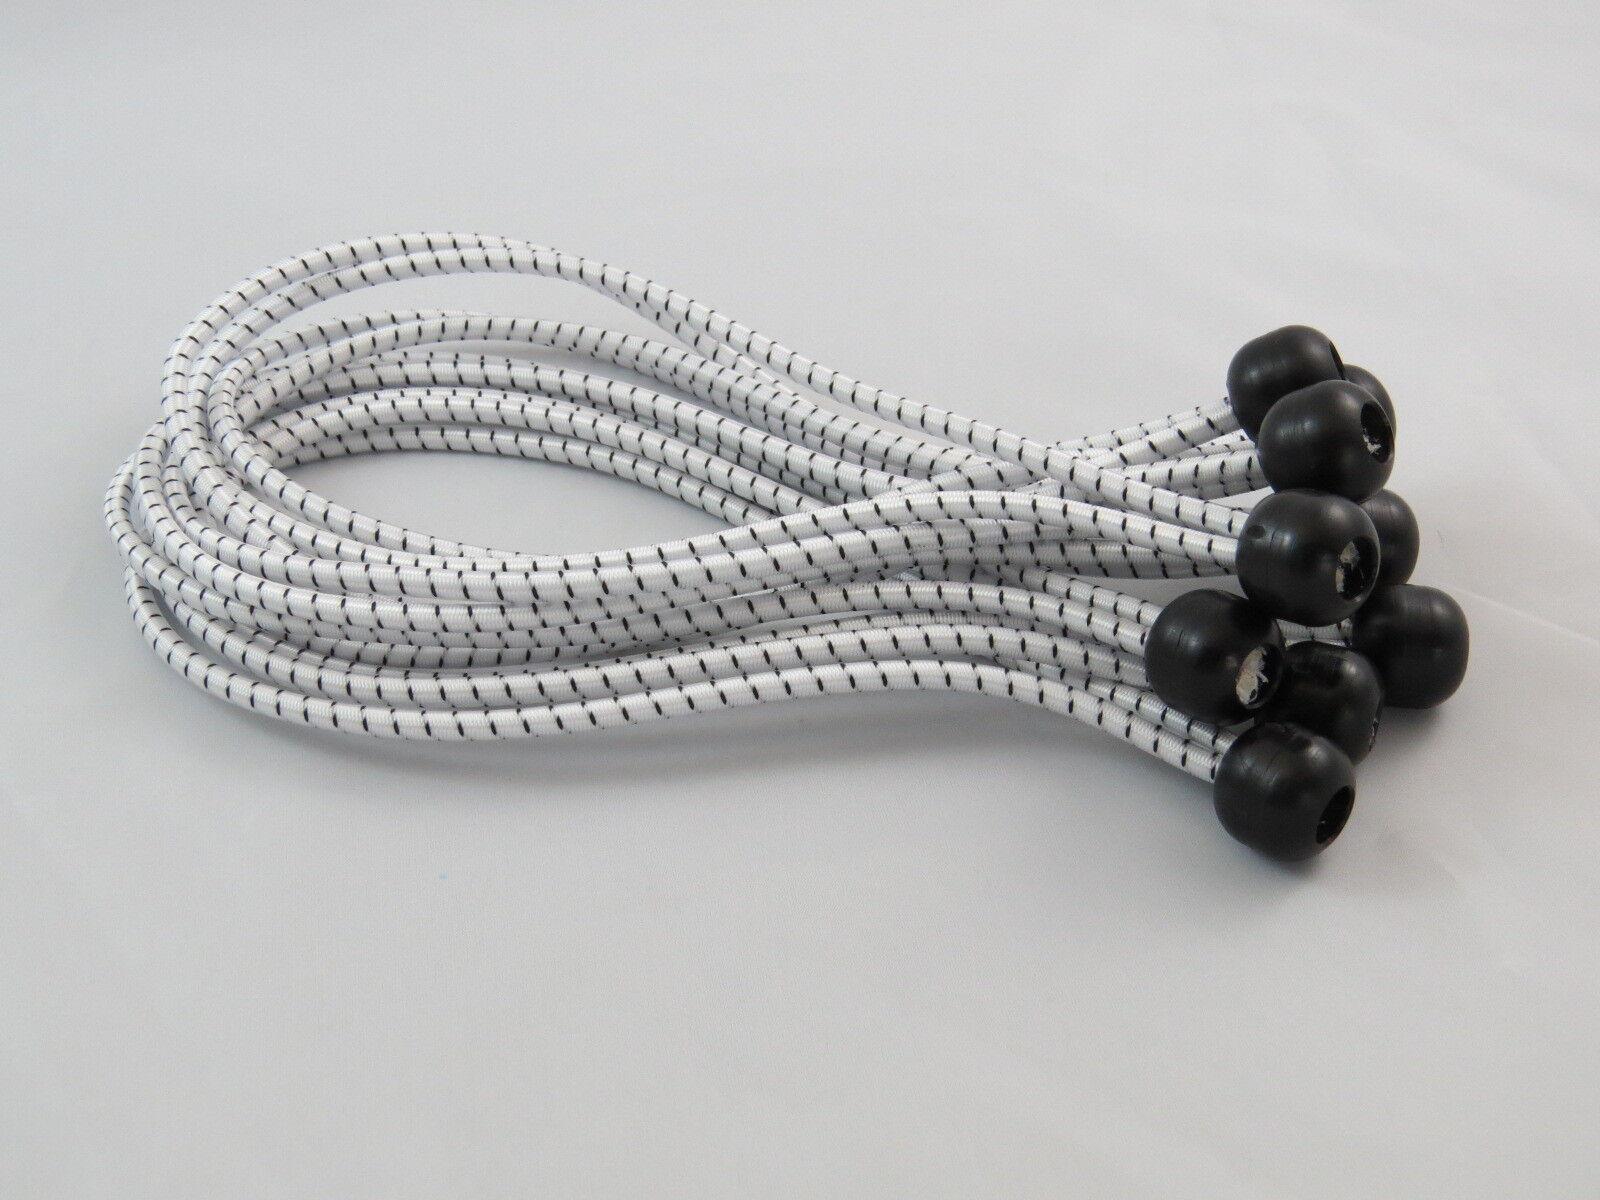 100 Bindung Gummiseil (Gummizug) Ball Bindung 100 200mm-Ideal für Zelt / Flagge O Plane 6d6eb8